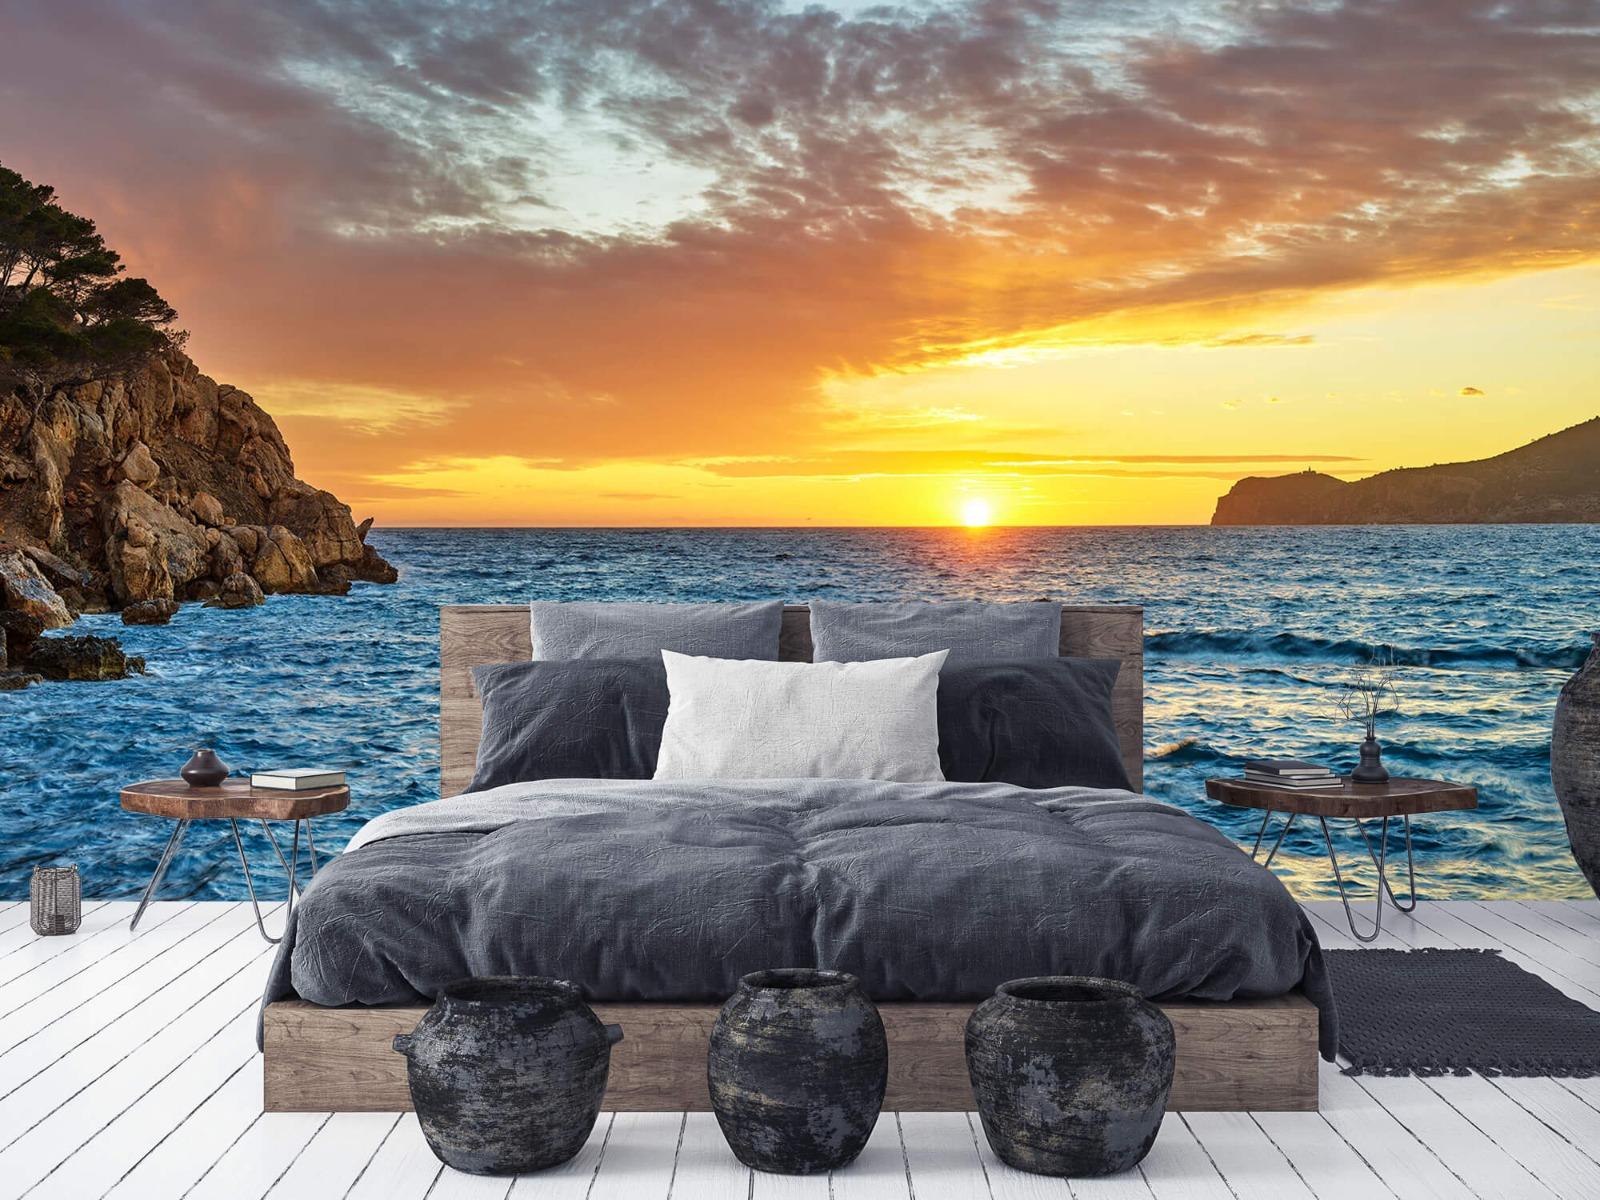 Zon - Zonsondergang op een eiland - Slaapkamer 6